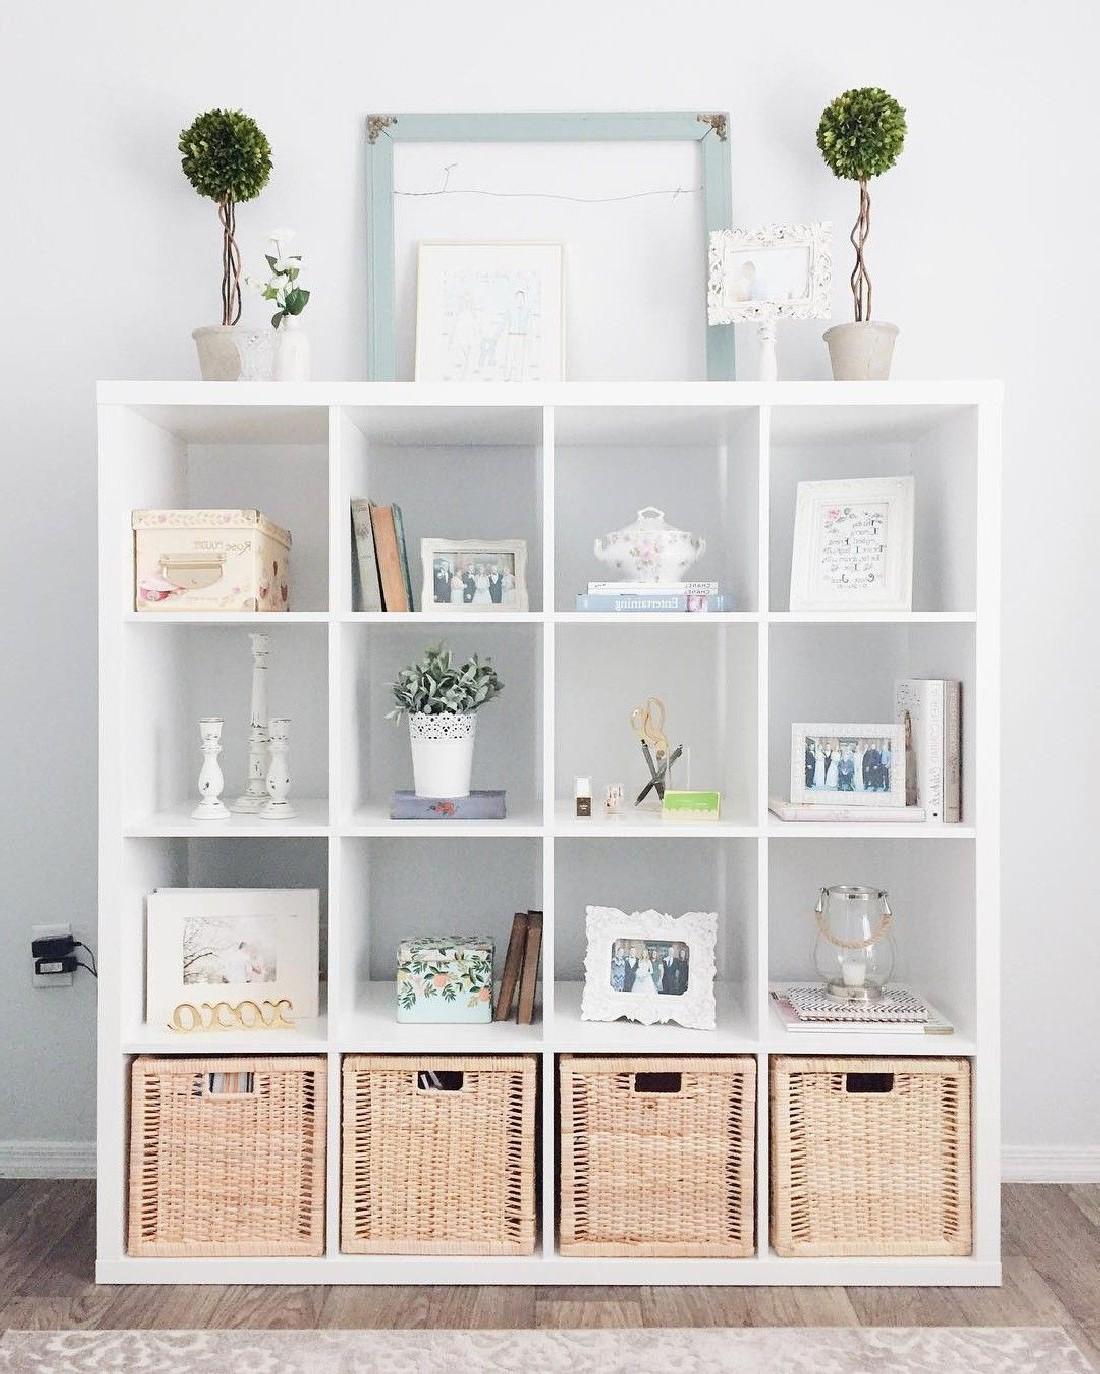 Ikea kallax - l'unité de stockage multifonctionnelle.